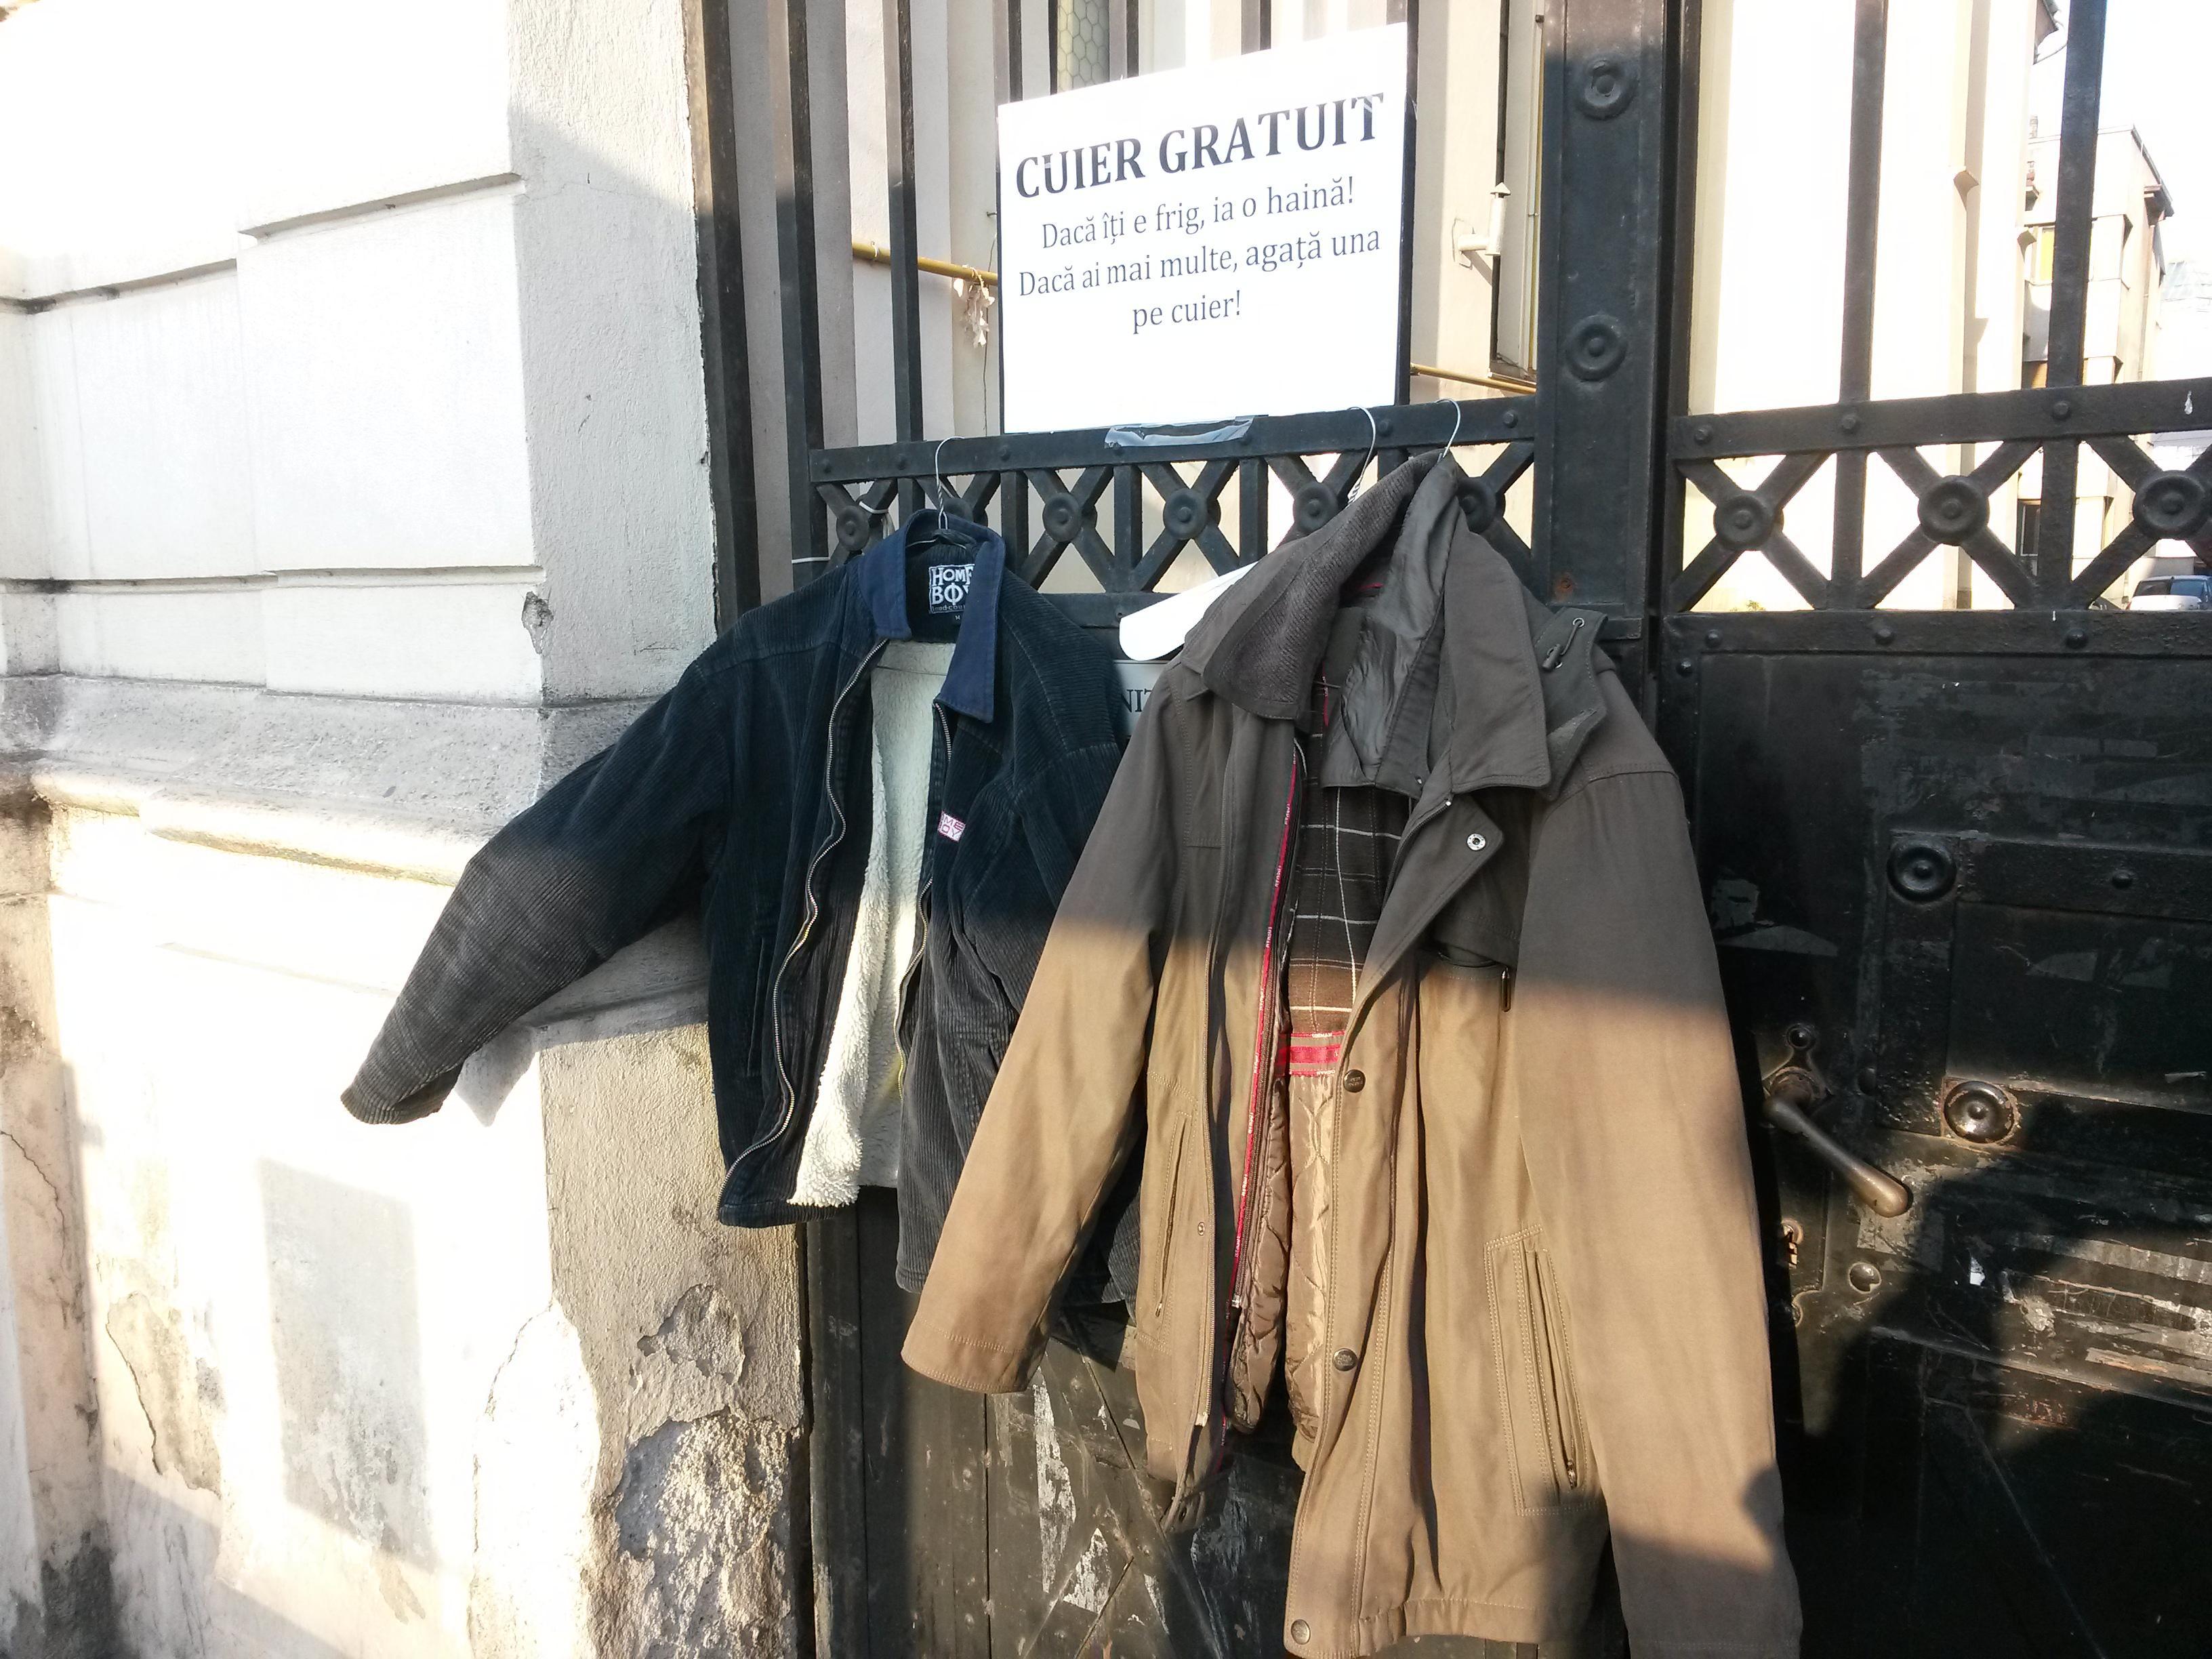 """Cluj - Cuier gratuit cu haine groase: """"Dacă îți e frig, ia o haină!"""" - VIDEO"""